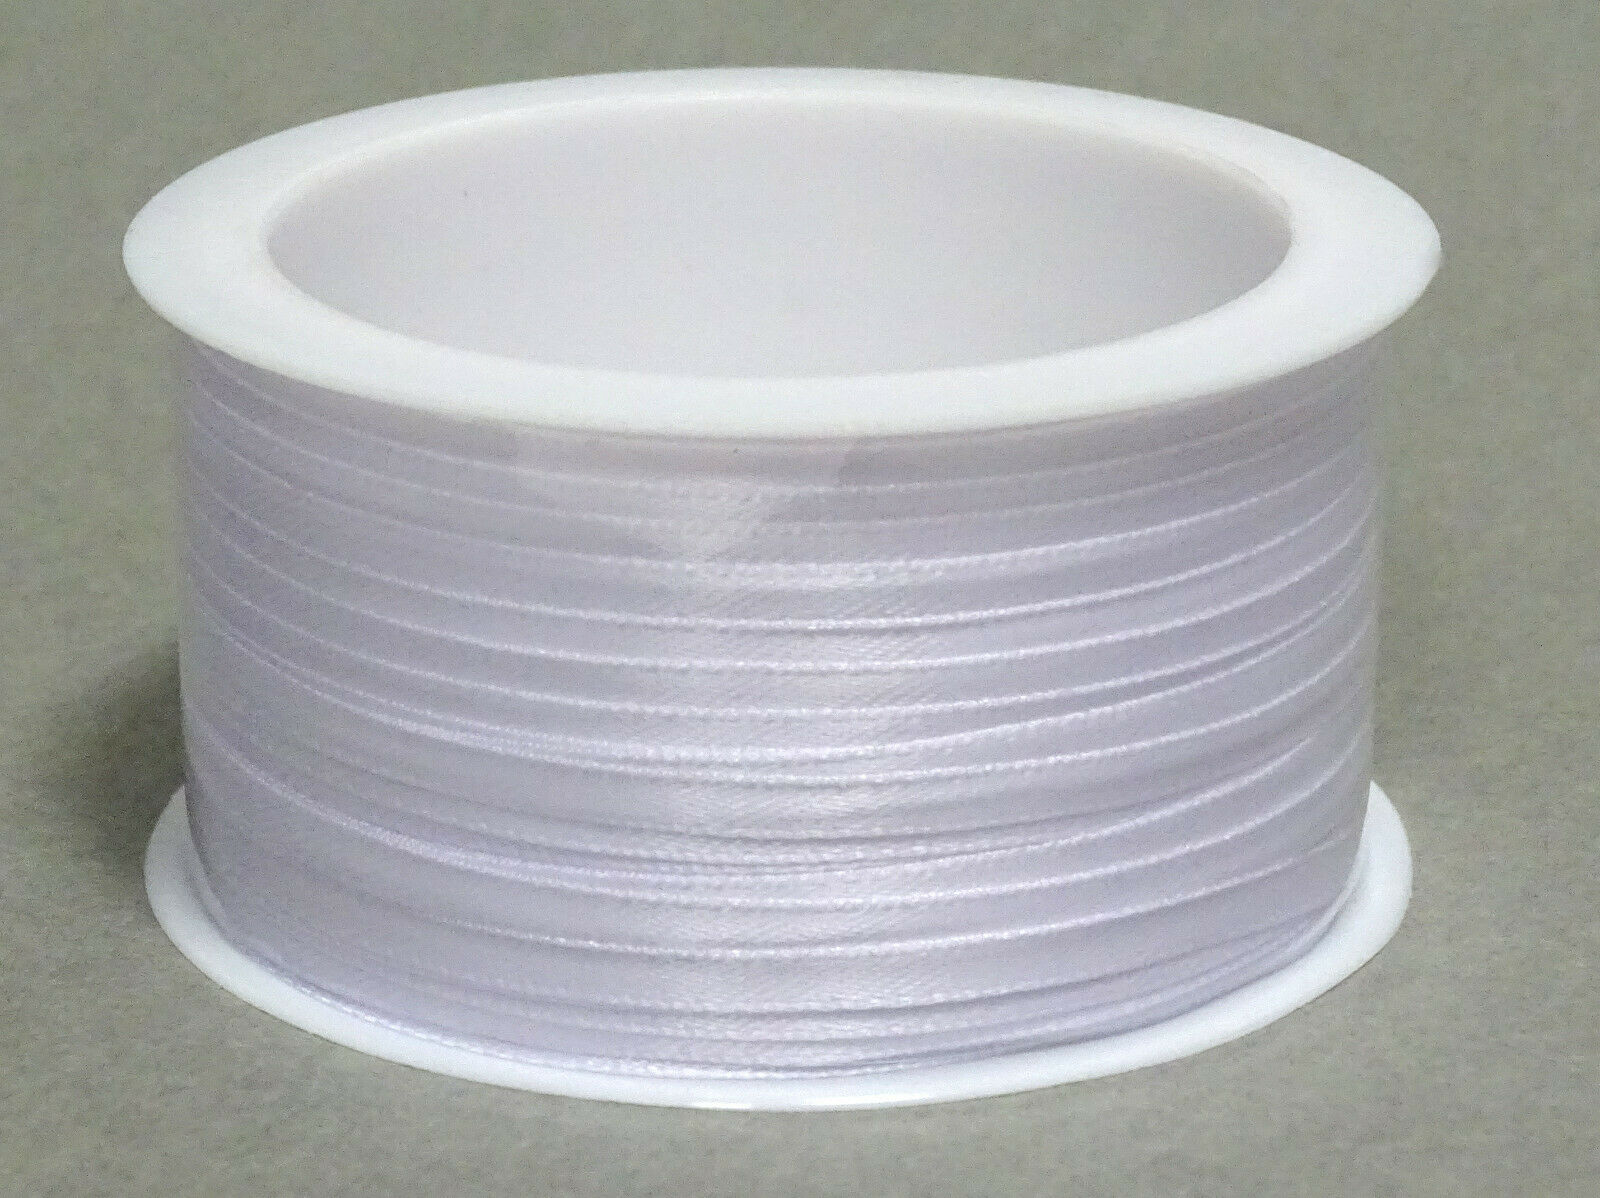 Satinband Schleifenband 50m x 3mm / 6mm Dekoband ab 0,05 €/m Geschenkband Rolle - Weiß 101, 3 mm x 50 m